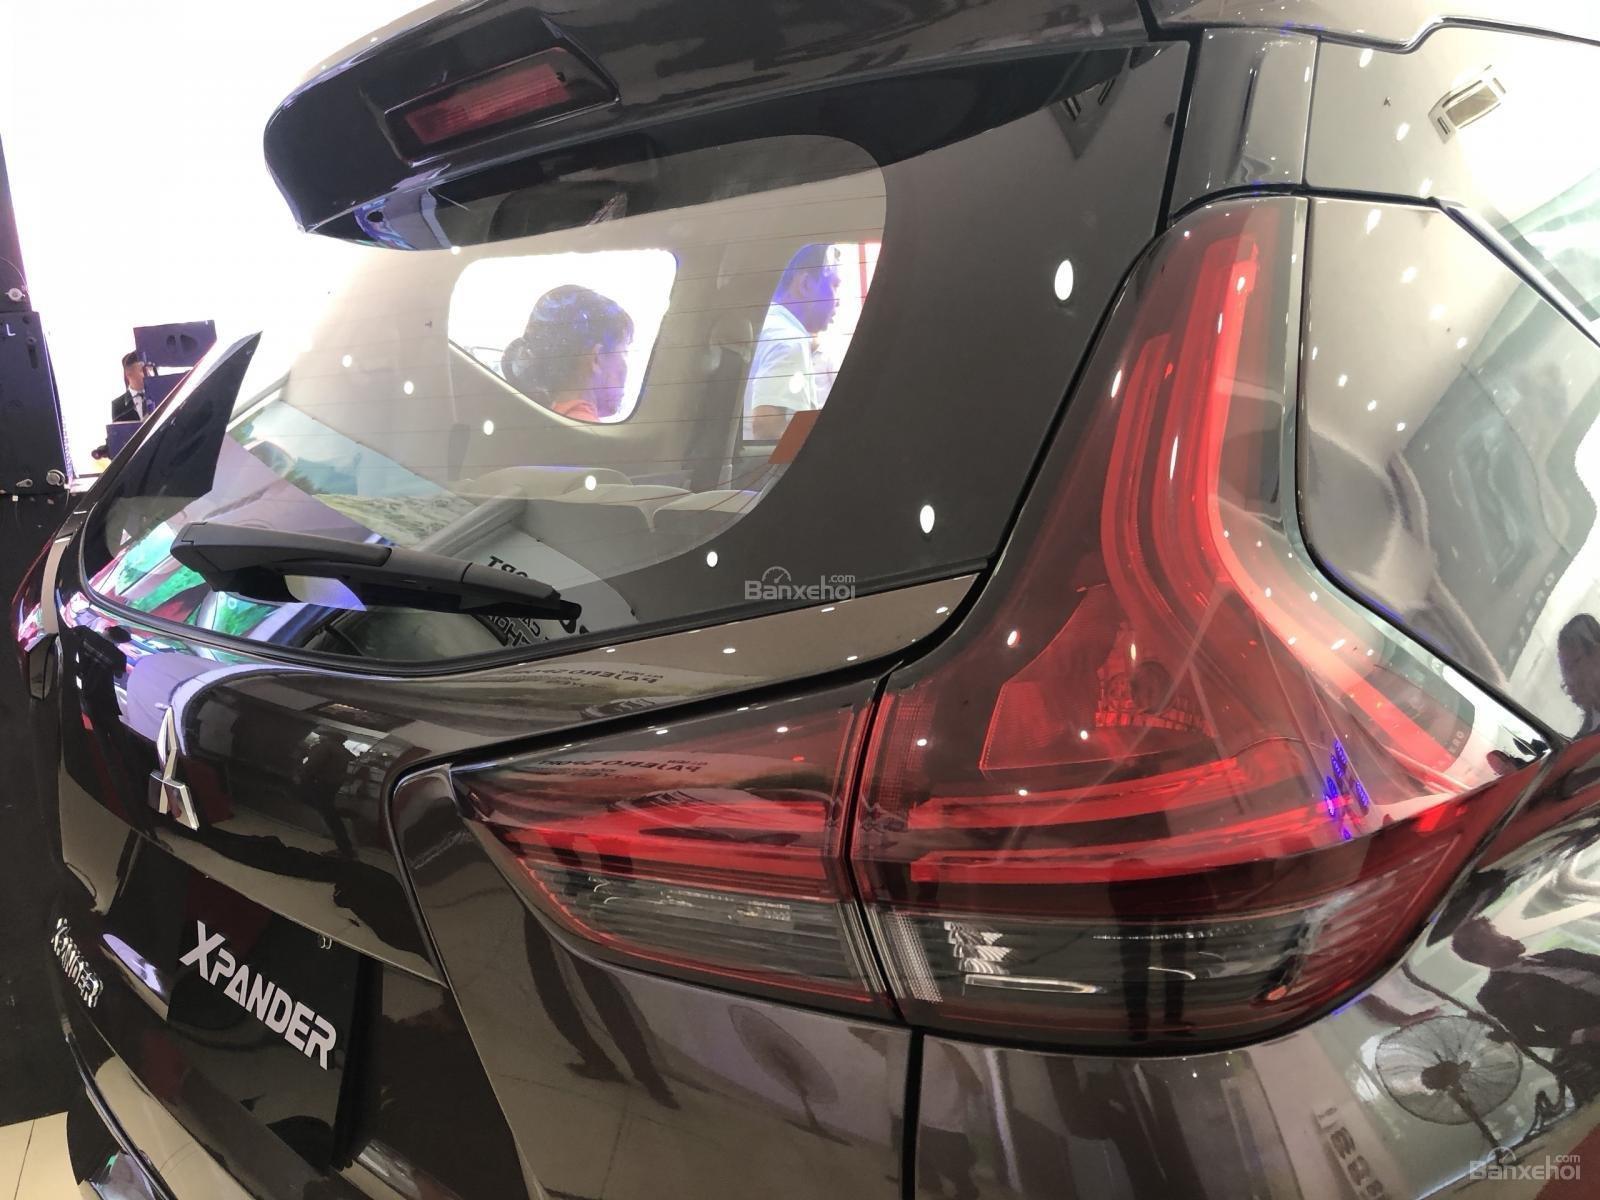 [Siêu Hot] Mitsubishi Xpander nhập nguyên chiếc từ Indo, động cơ 1.5, kinh doanh tốt. LH: 0905.91.01.99-5